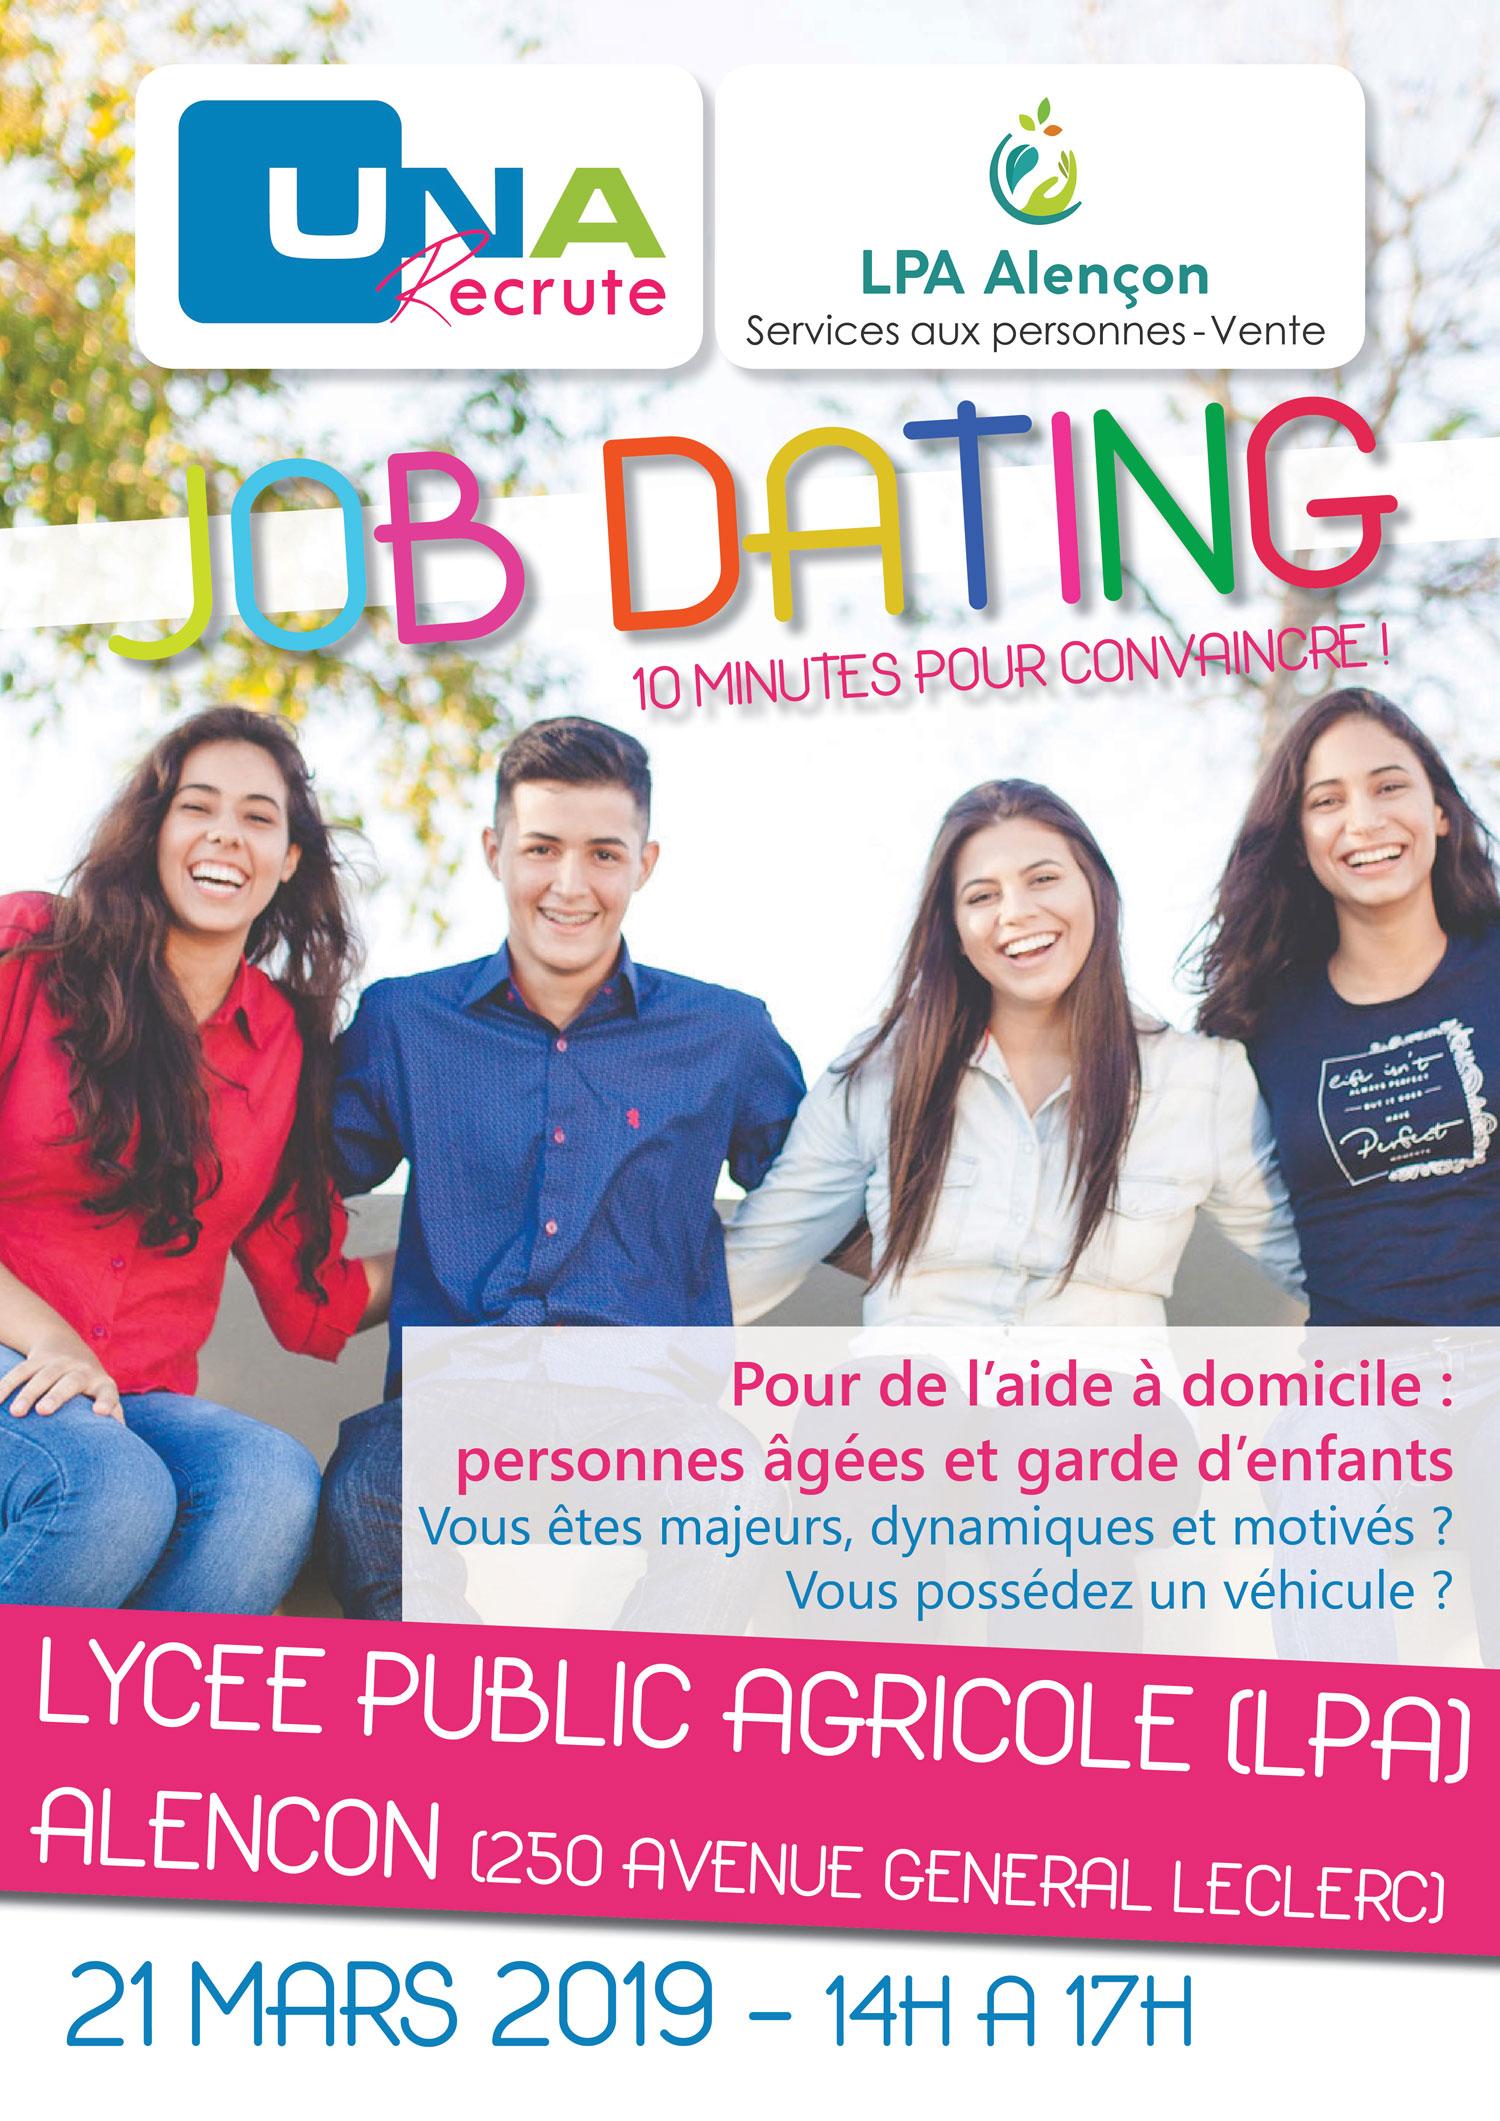 Job dating alençon, le 21 mars 2019 au lycée Public Agricole de l'Orne